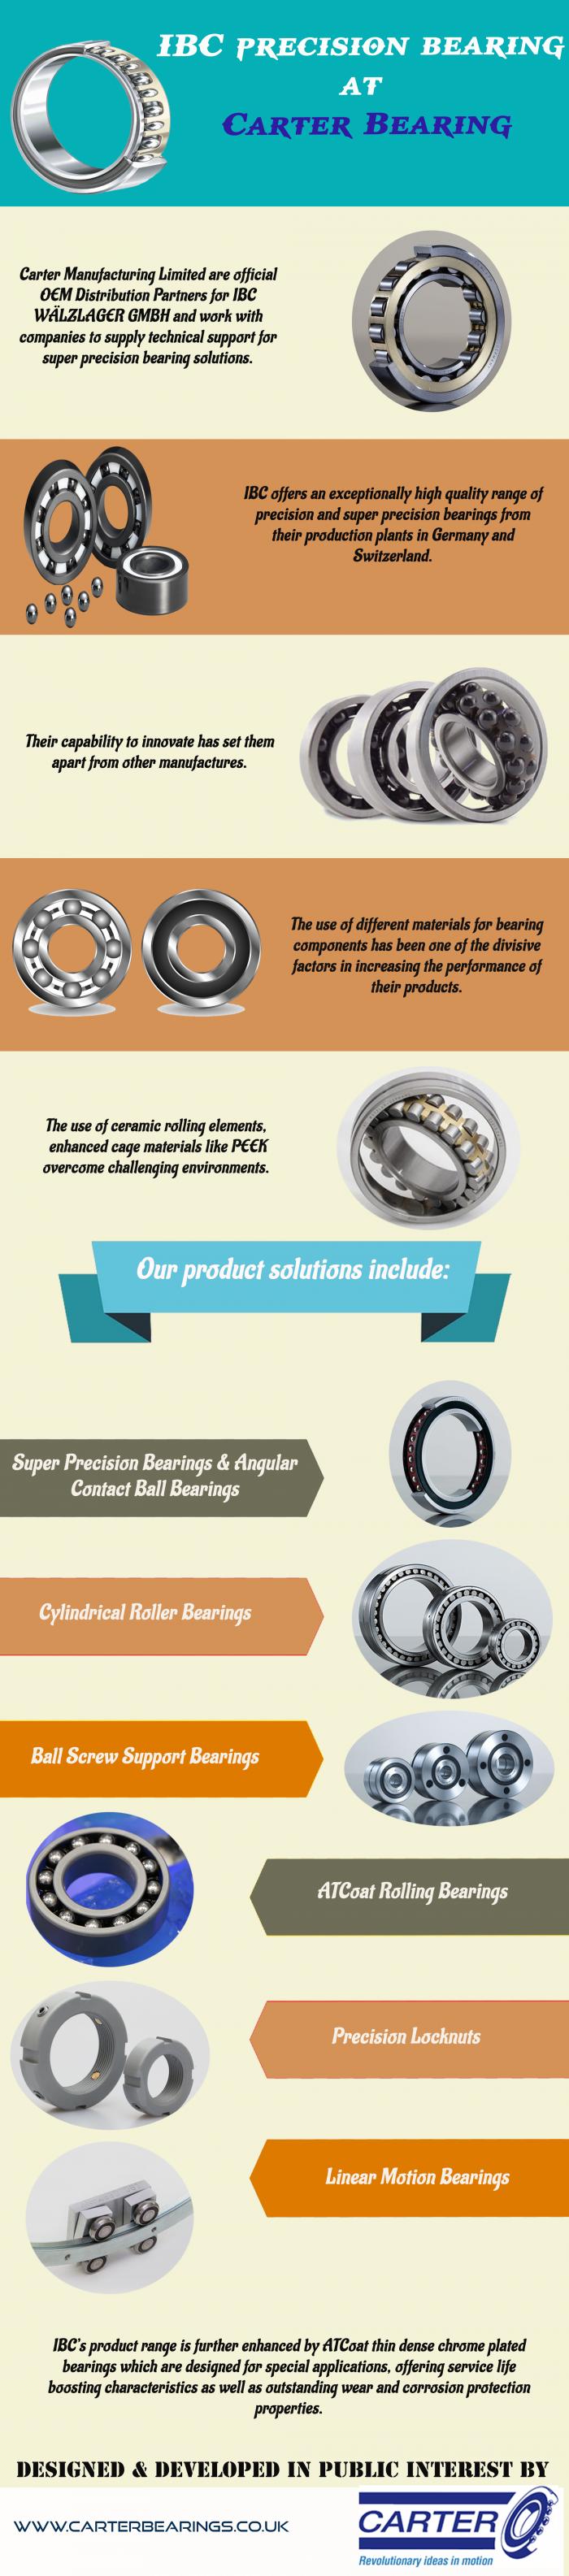 IBC precision bearing at – Carter Bearing